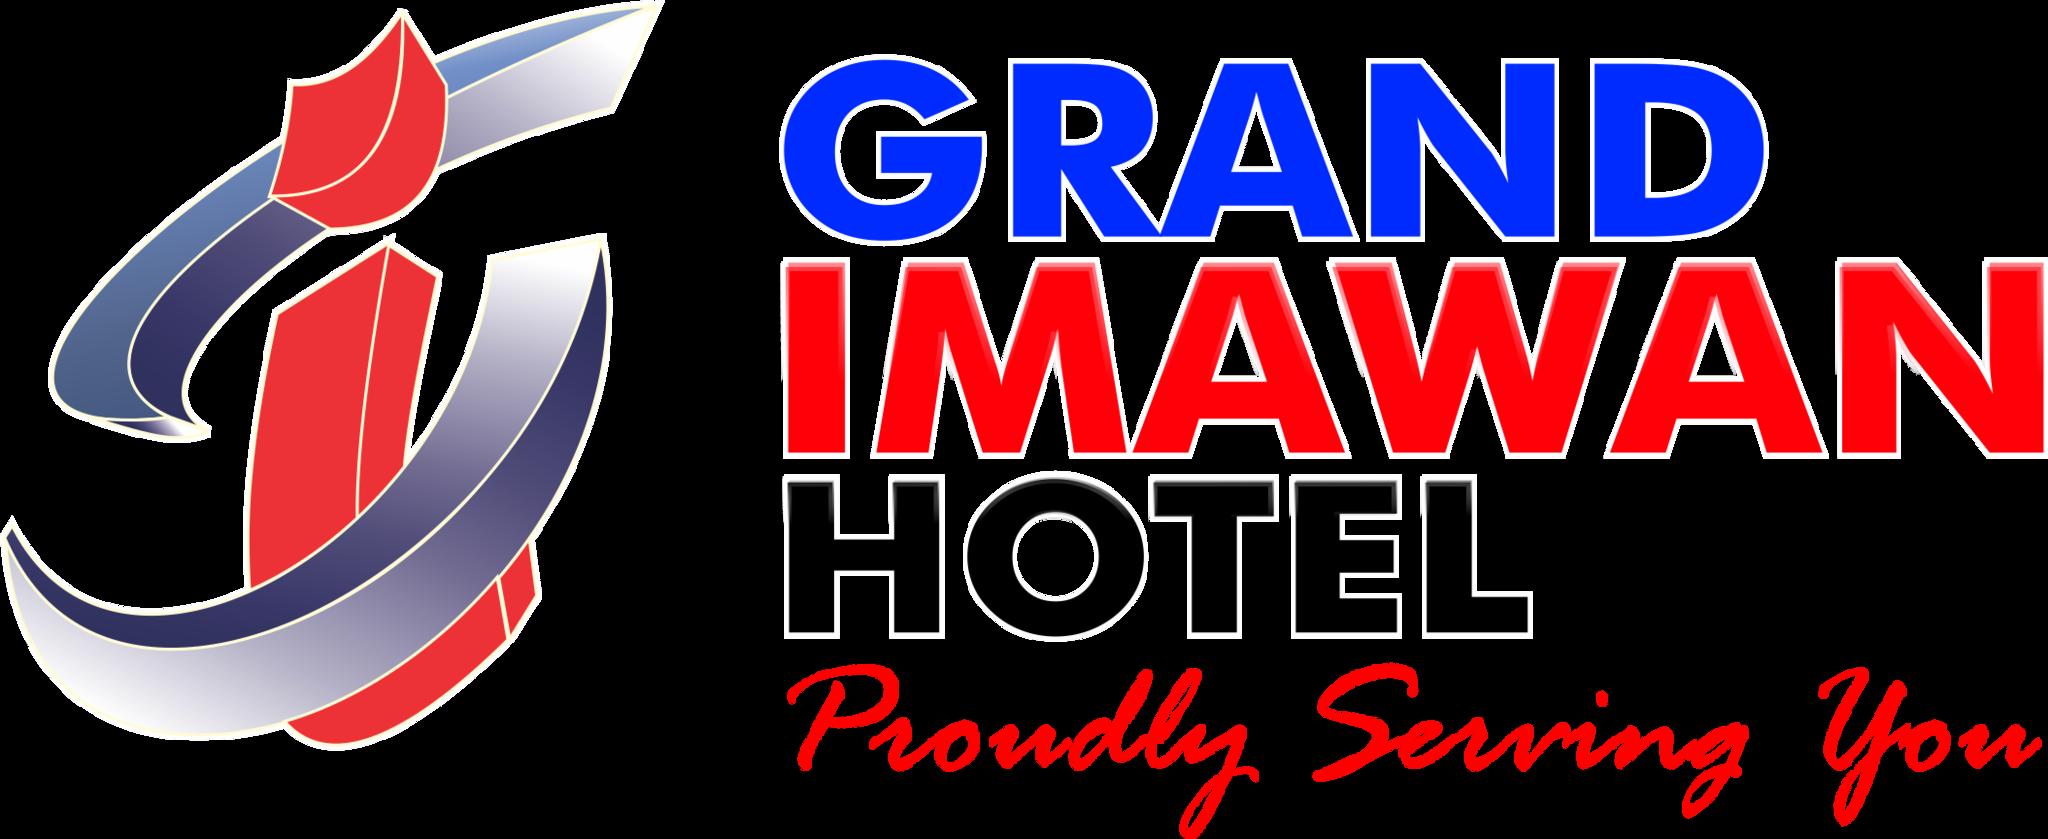 格兰德伊玛万酒店